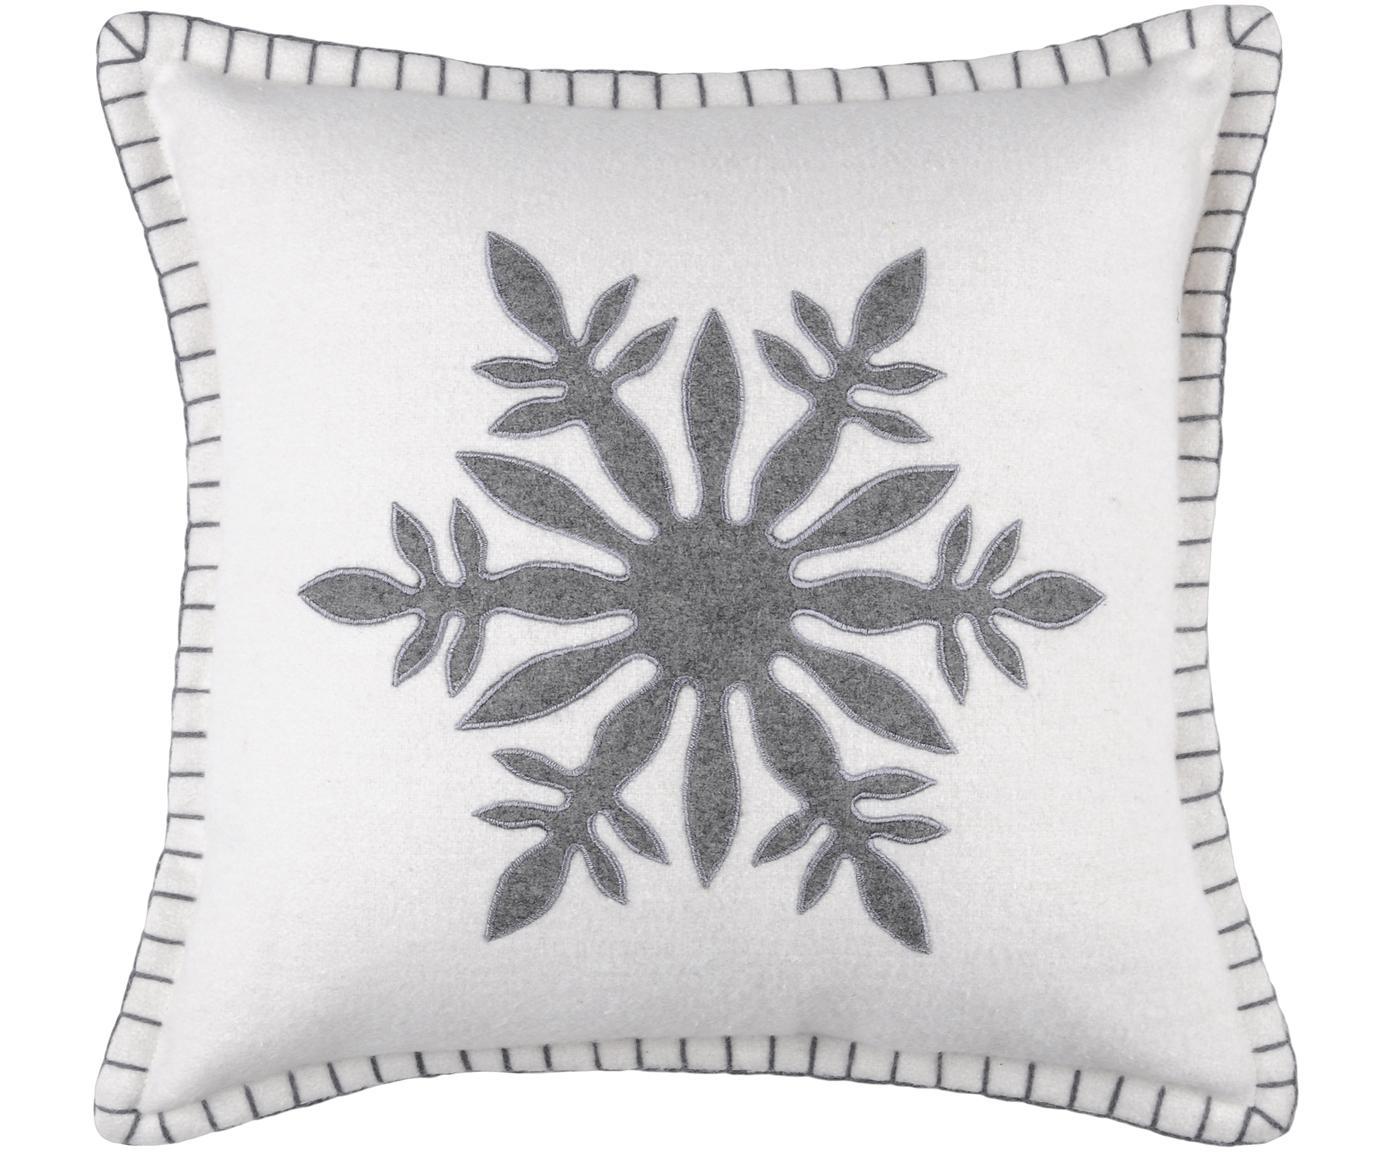 Kussen Vaujany met sneeuwvlokken motief, met vulling, Gebroken wit, grijs, 40 x 40 cm